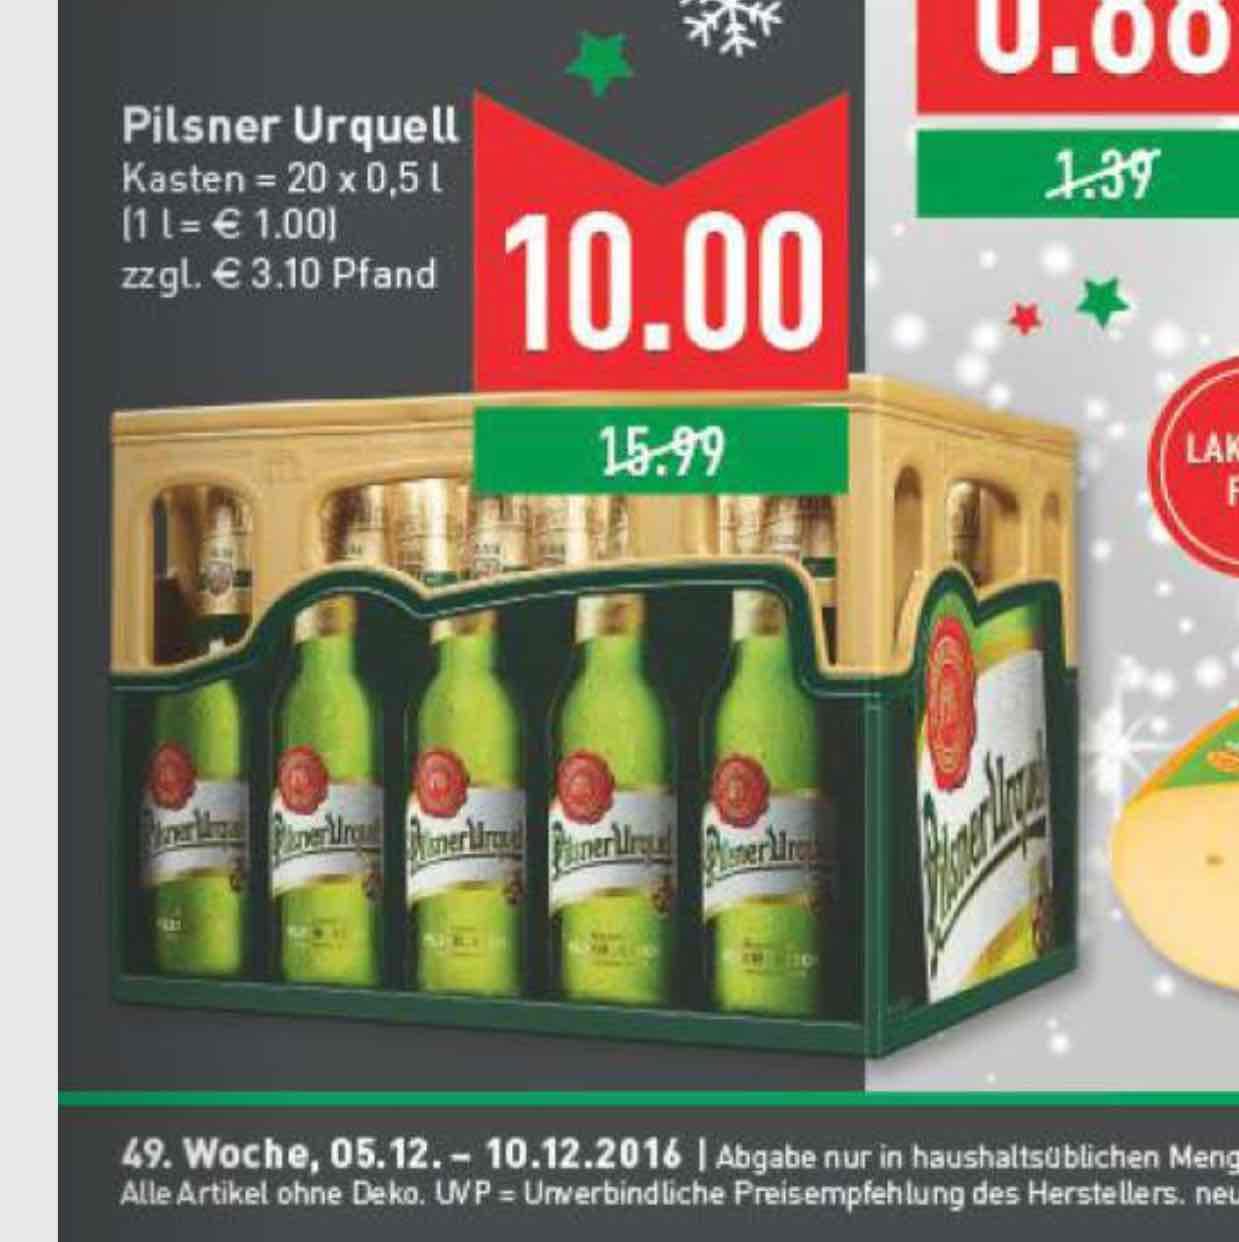 [Marktkauf Rhein-Ruhr] Pilsener Urquell 20x0,5 Liter für 10€ zzgl. 3,10€ Pfand vom 5.12-10.12.2016